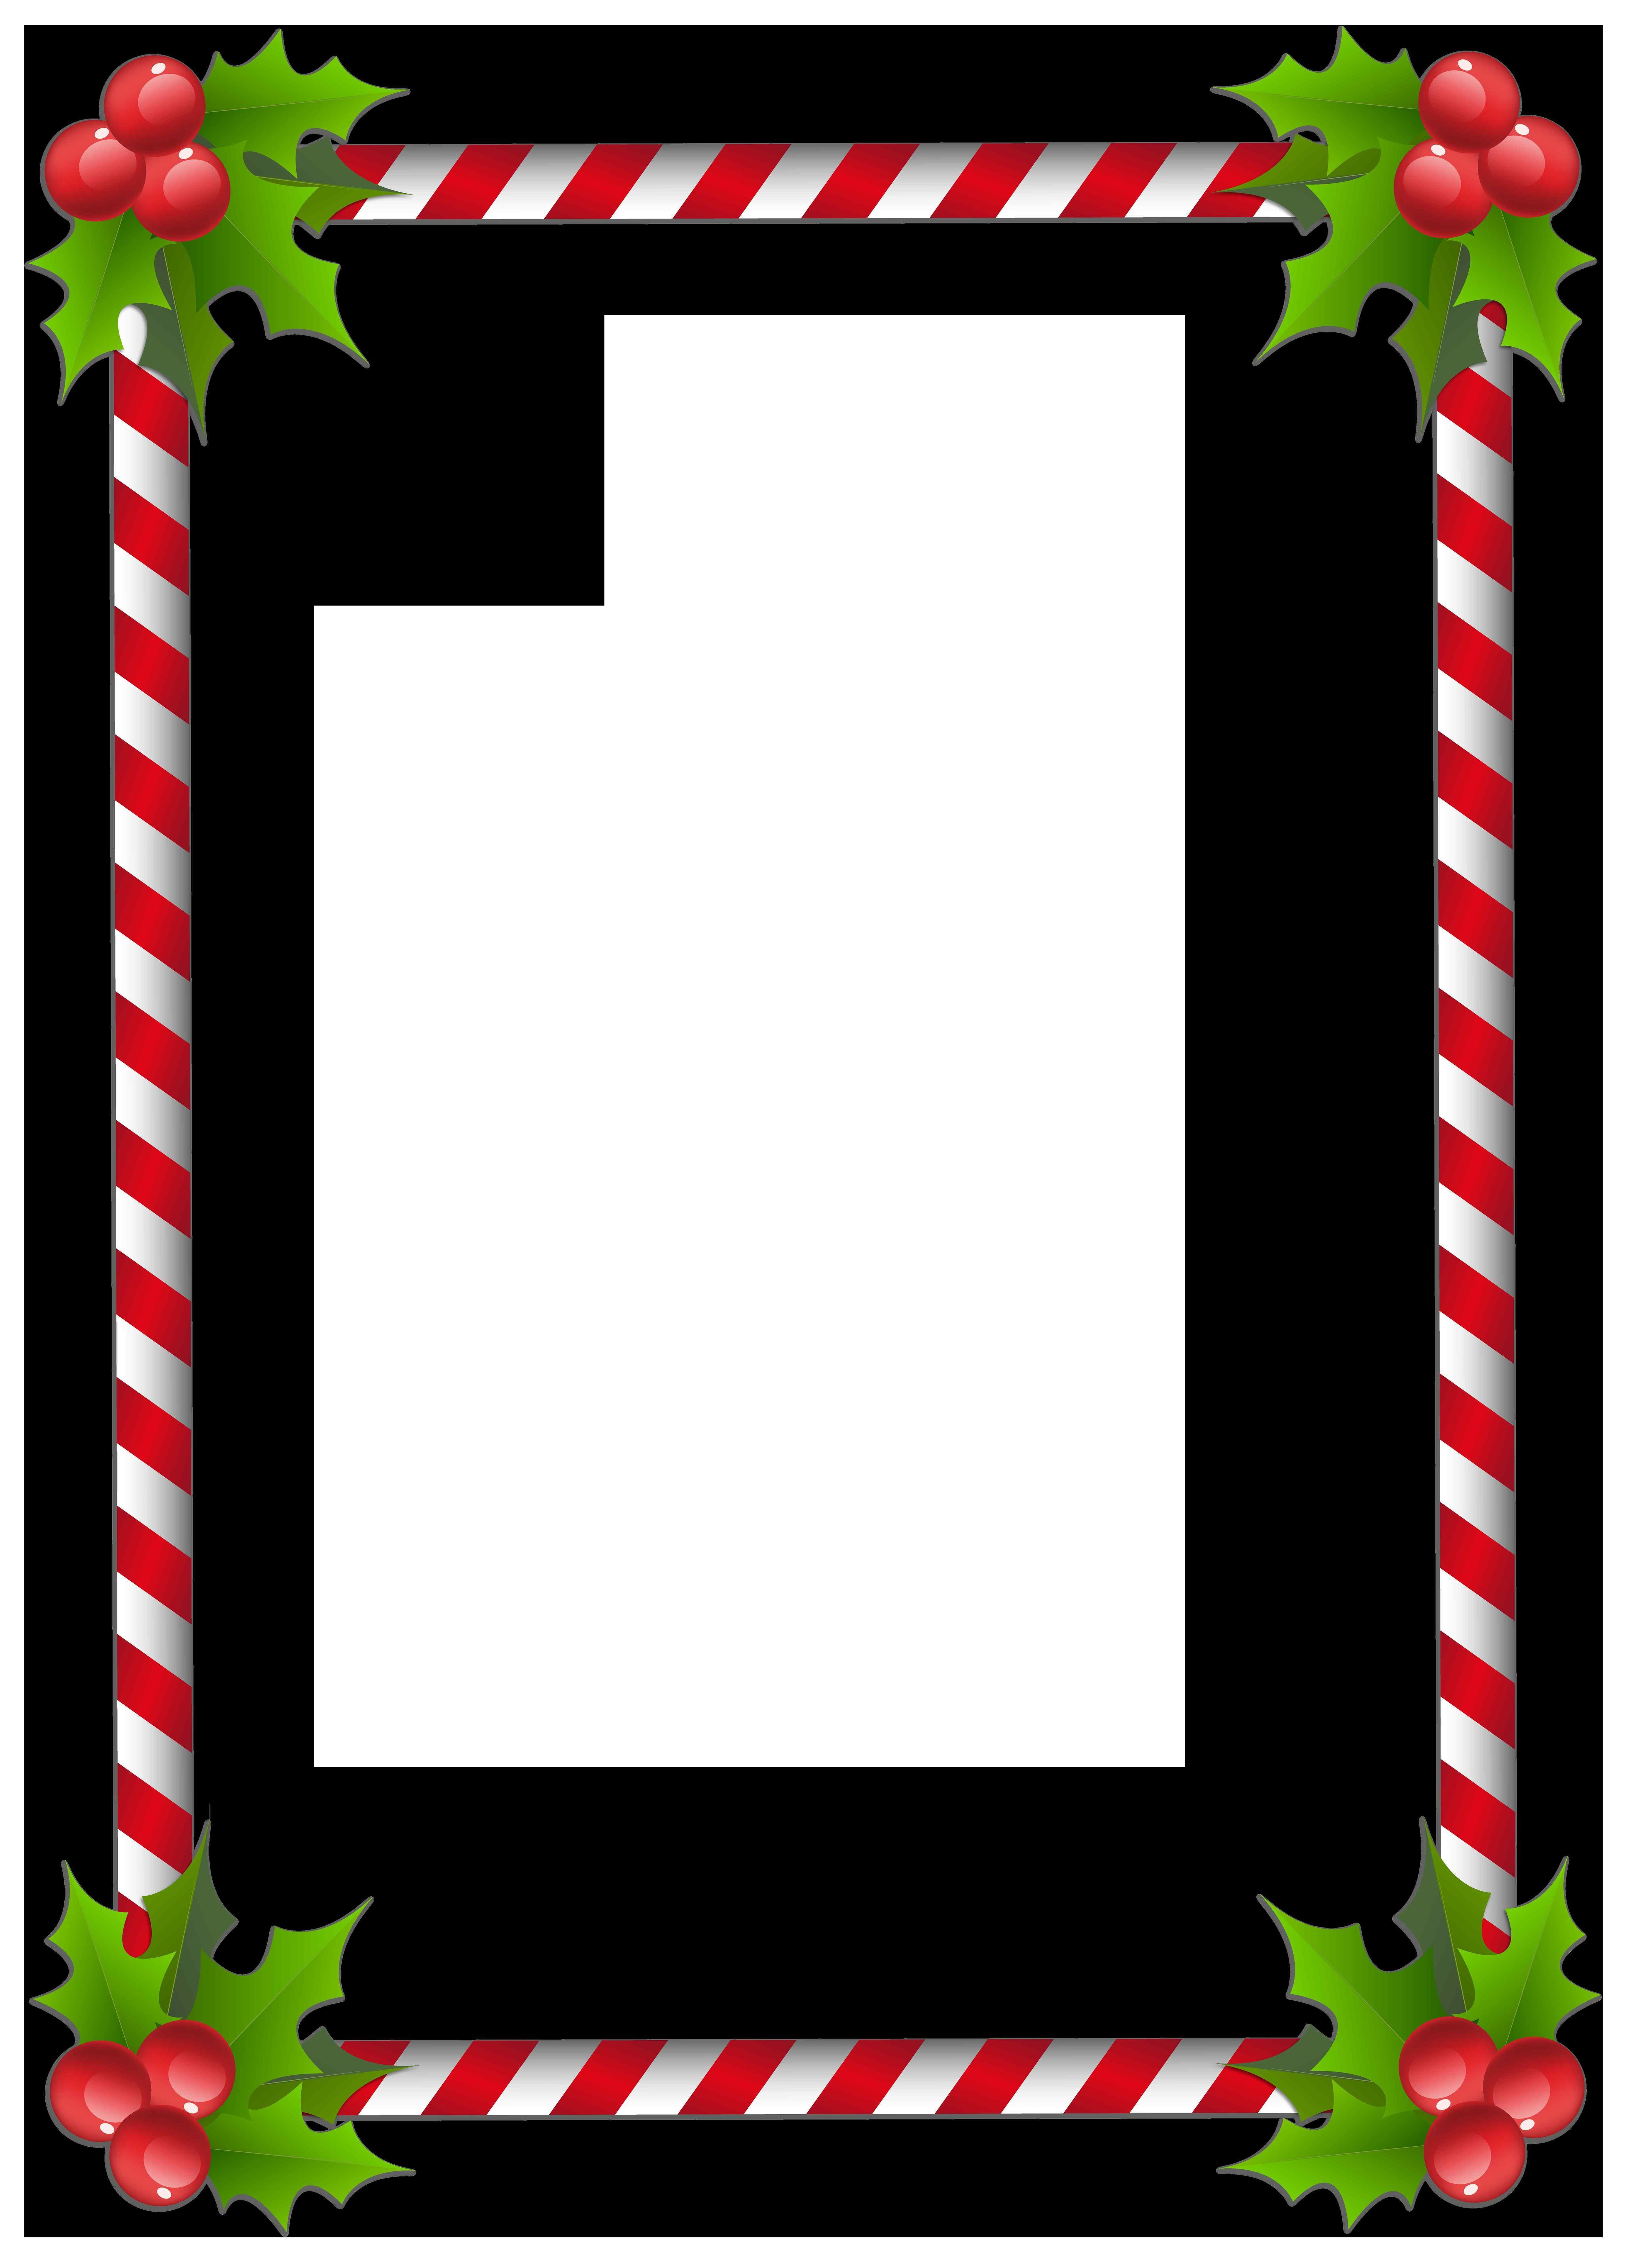 Christmas Border Clipart Landscape.12 Essential Steps To Unique Christmas Border Clipart